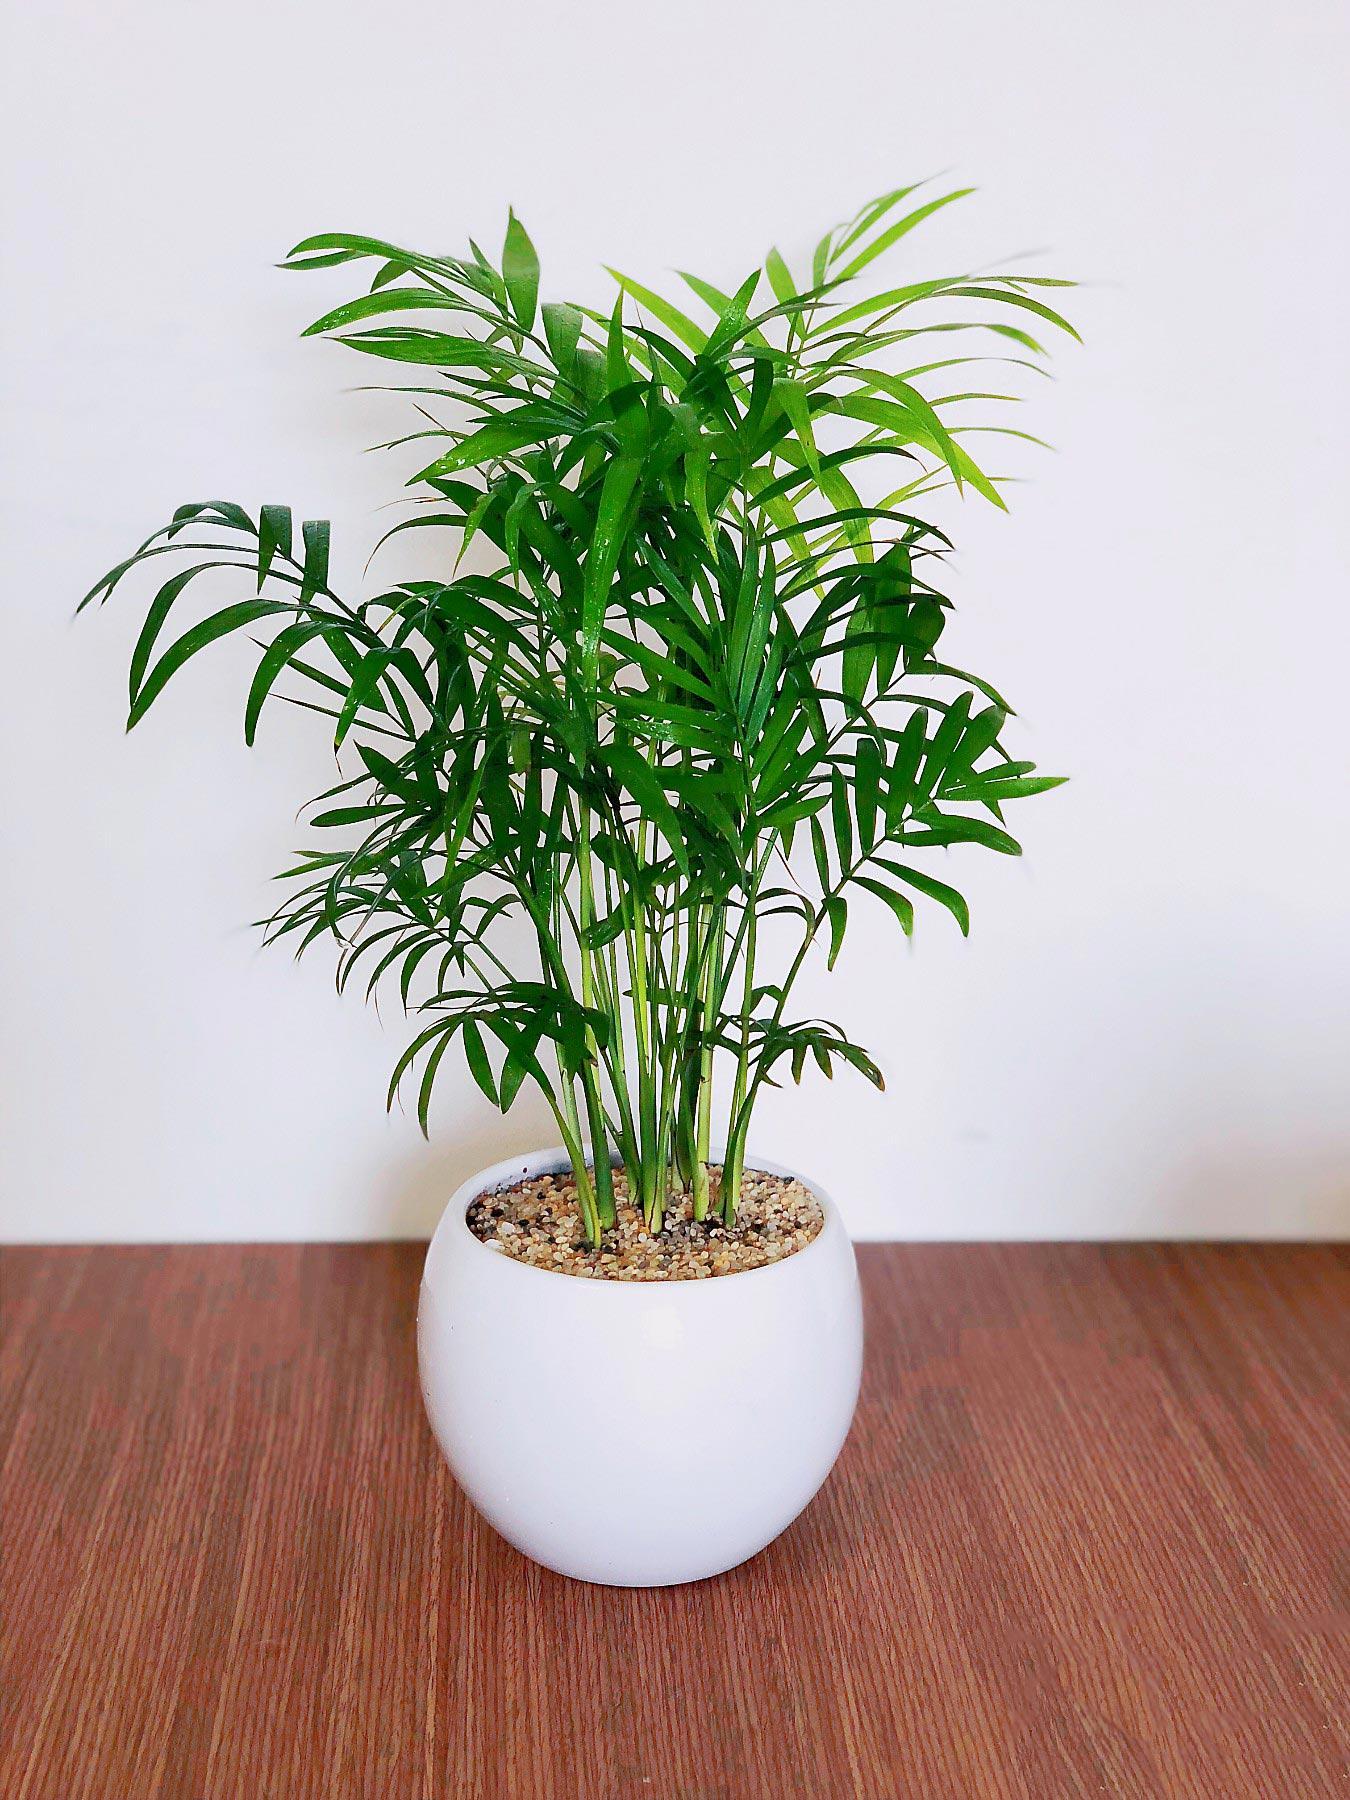 cây cau tiểu trâm 2019